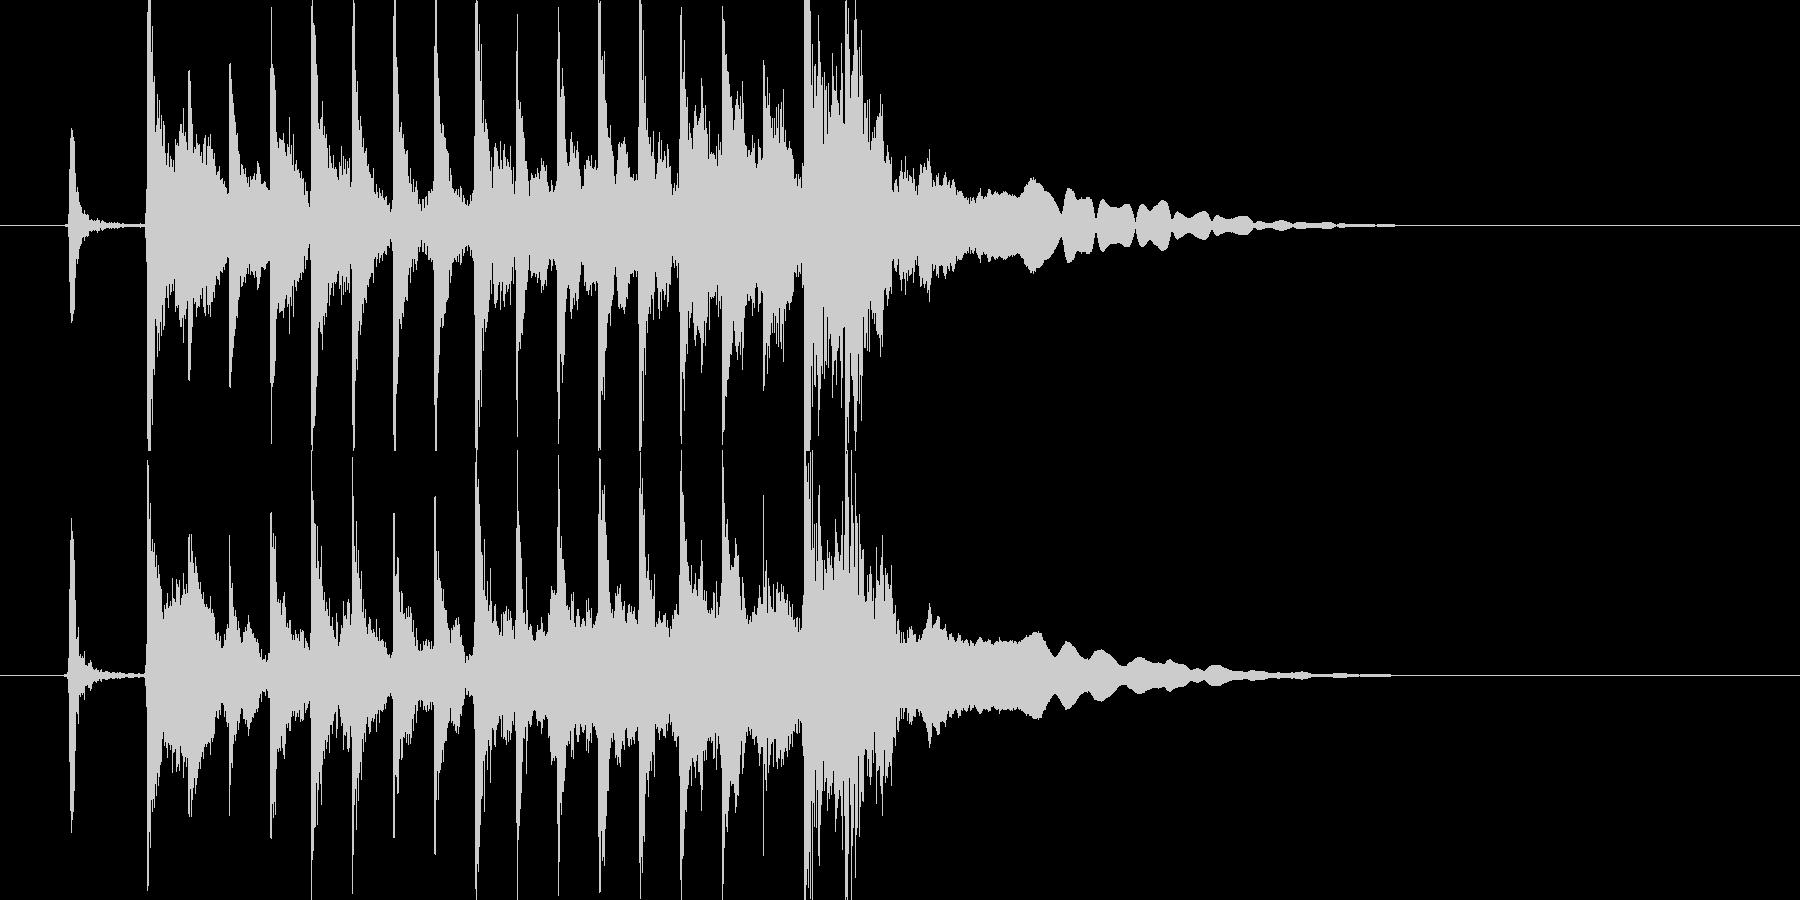 三味線主体の和風ジングル2 掛け声有の未再生の波形